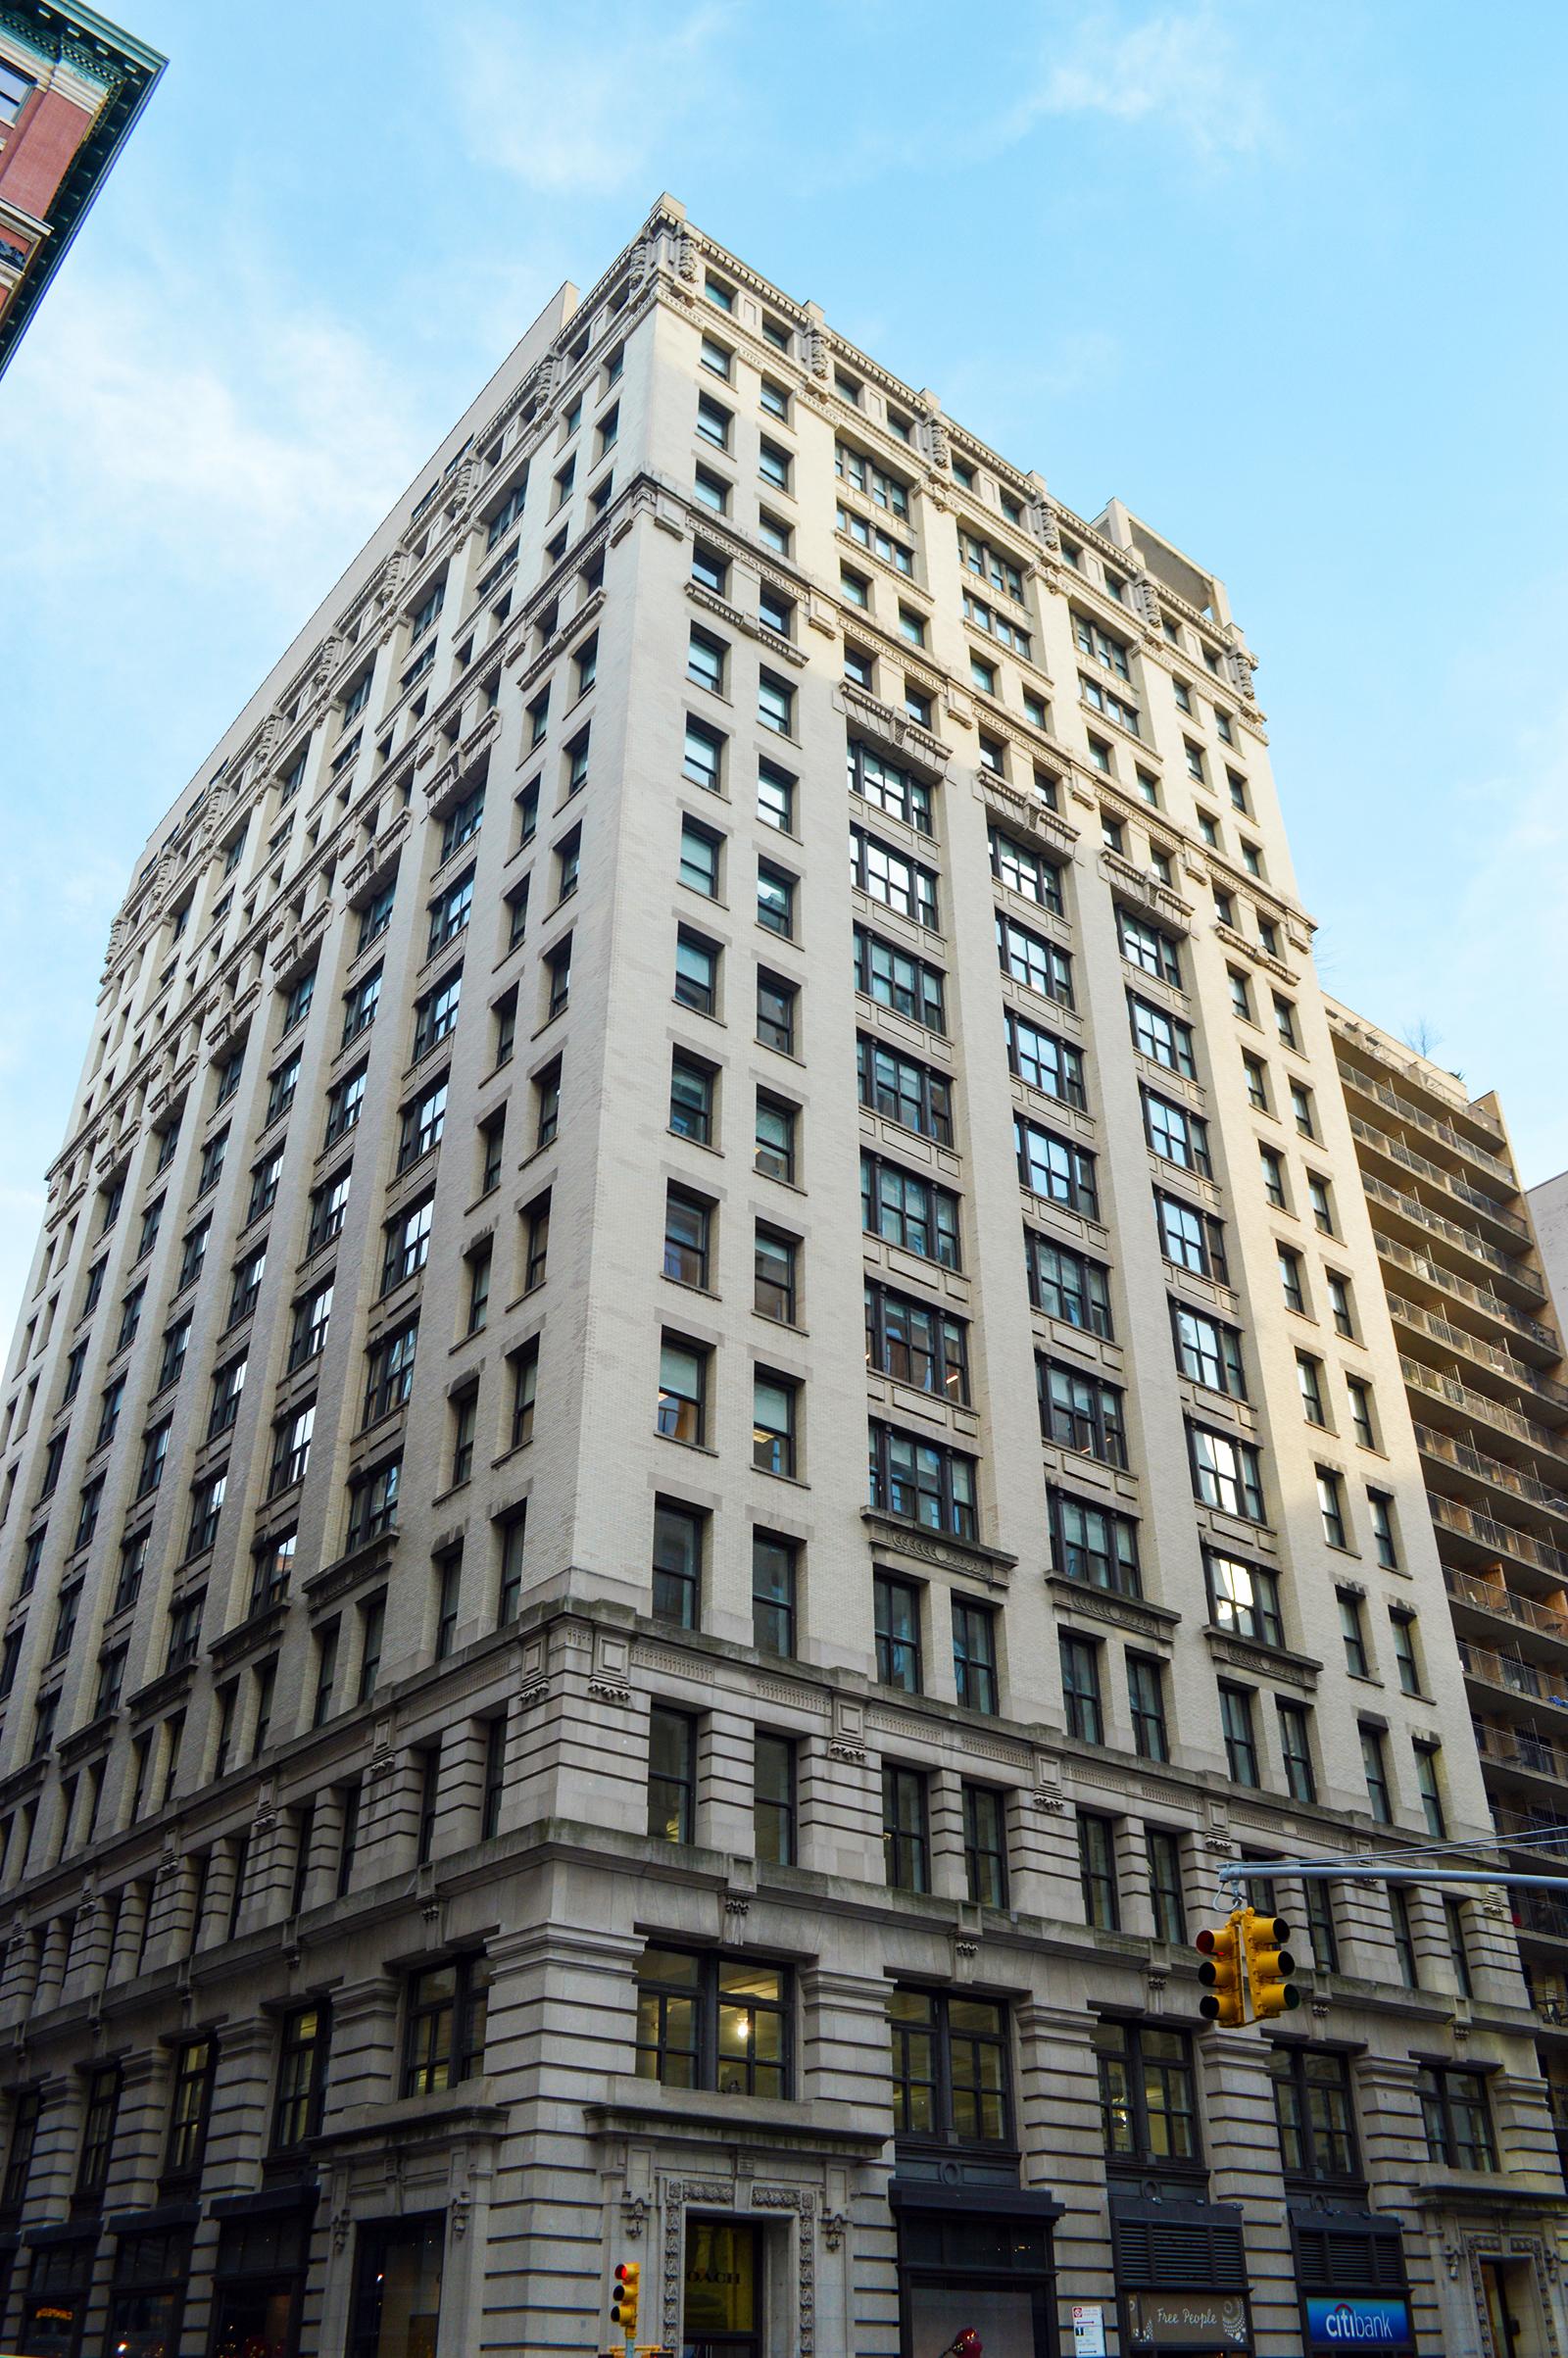 79 5th avenue -